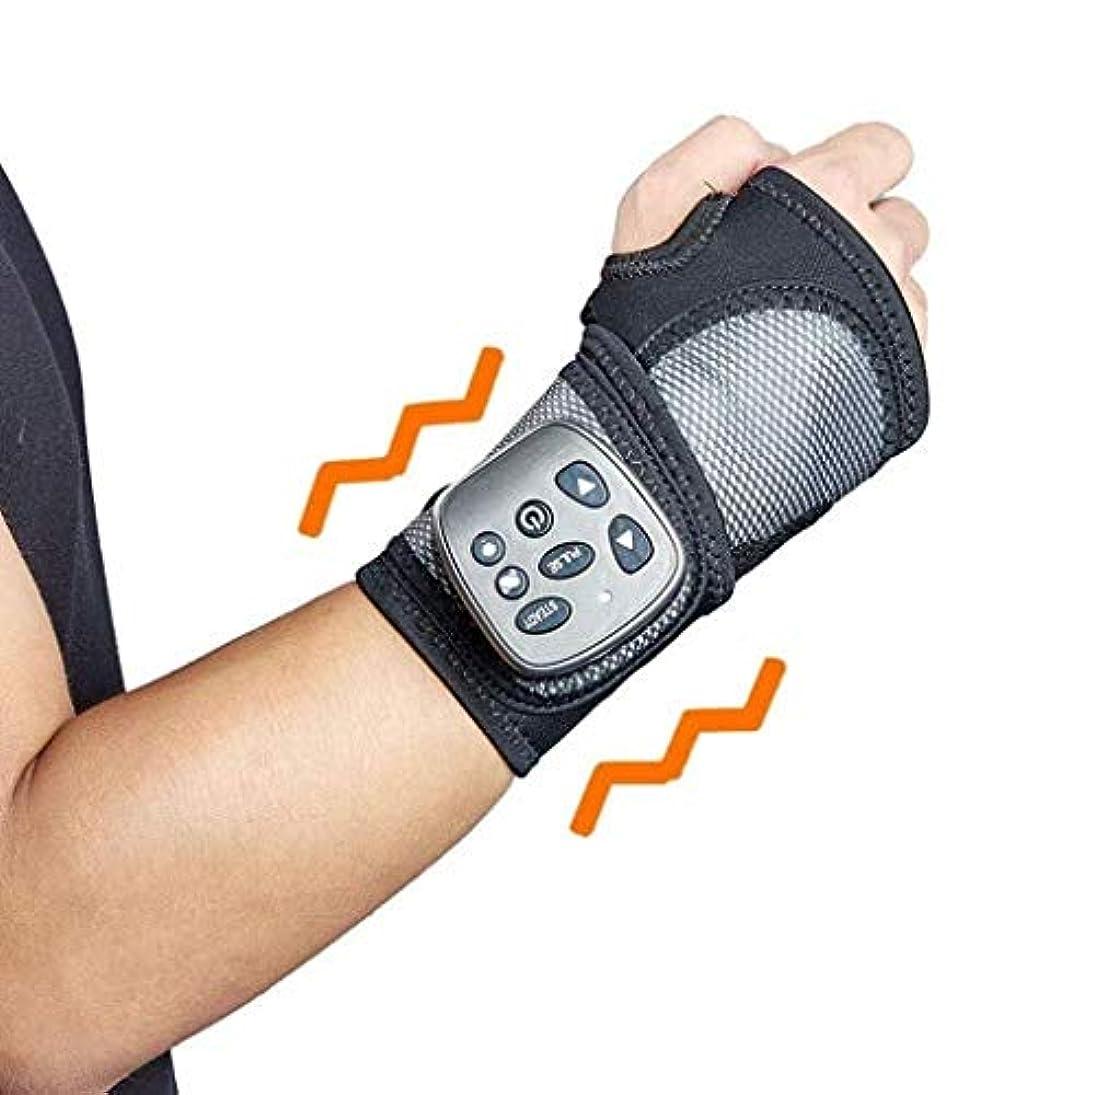 暴徒怒って帳面ハンドマッサージ、手首のマッサージ器、充電式リストバンド、手の痛み、振動暖房を軽減血液の循環を促進するための (Color : Vibrationsqueeze, Size : One size)